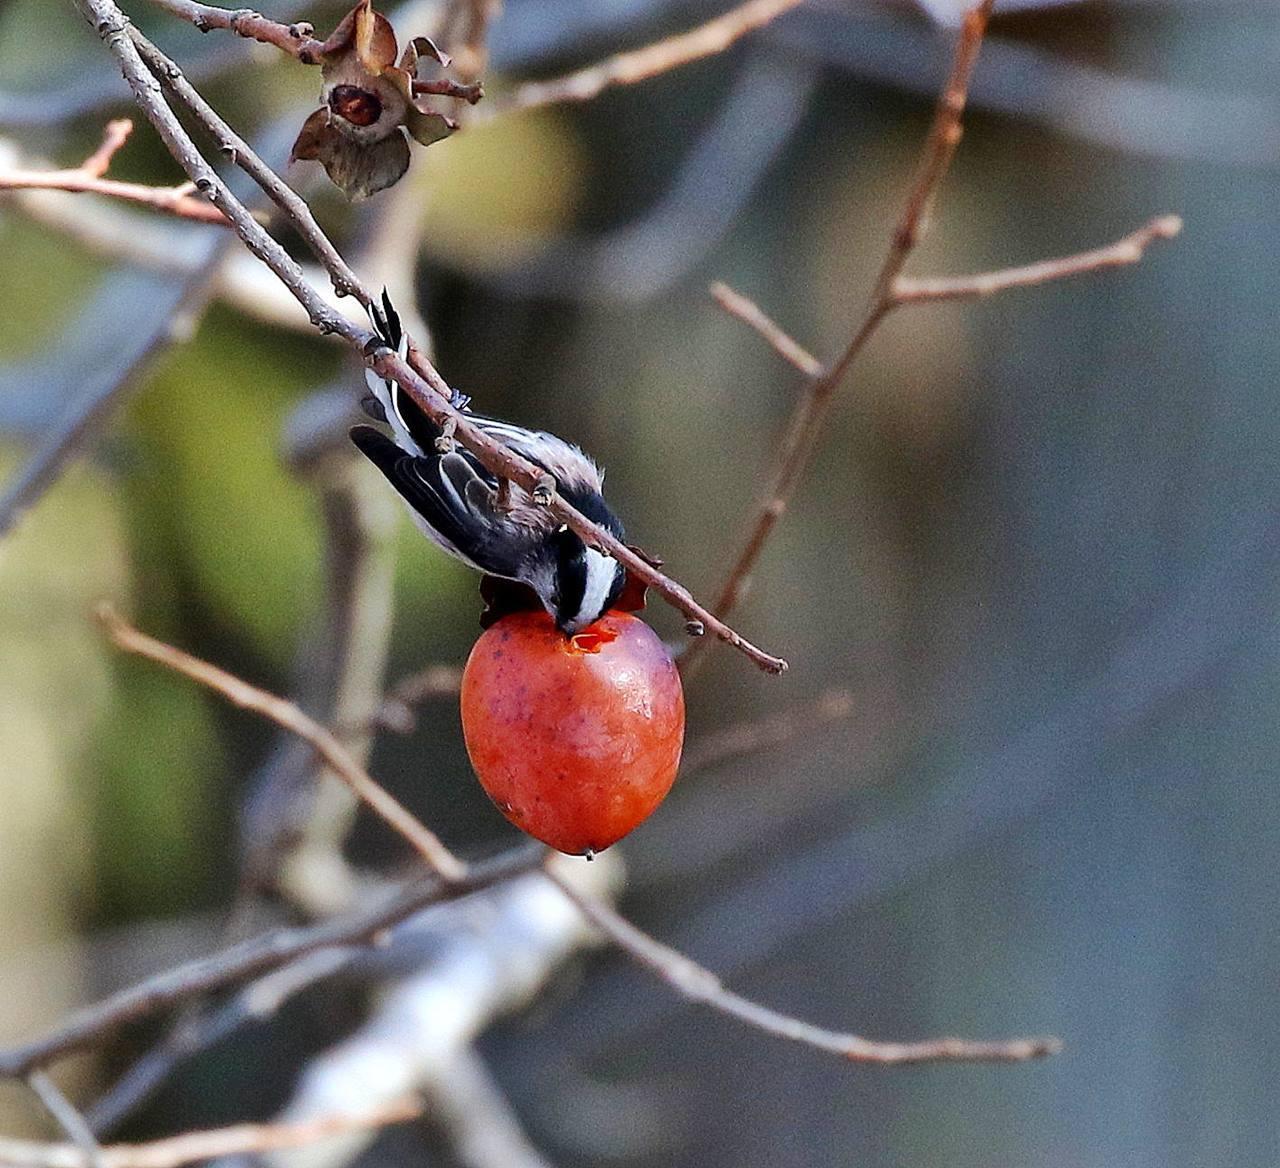 熟れた柿にやって来た野鳥たち・・・_c0213607_22052635.jpg